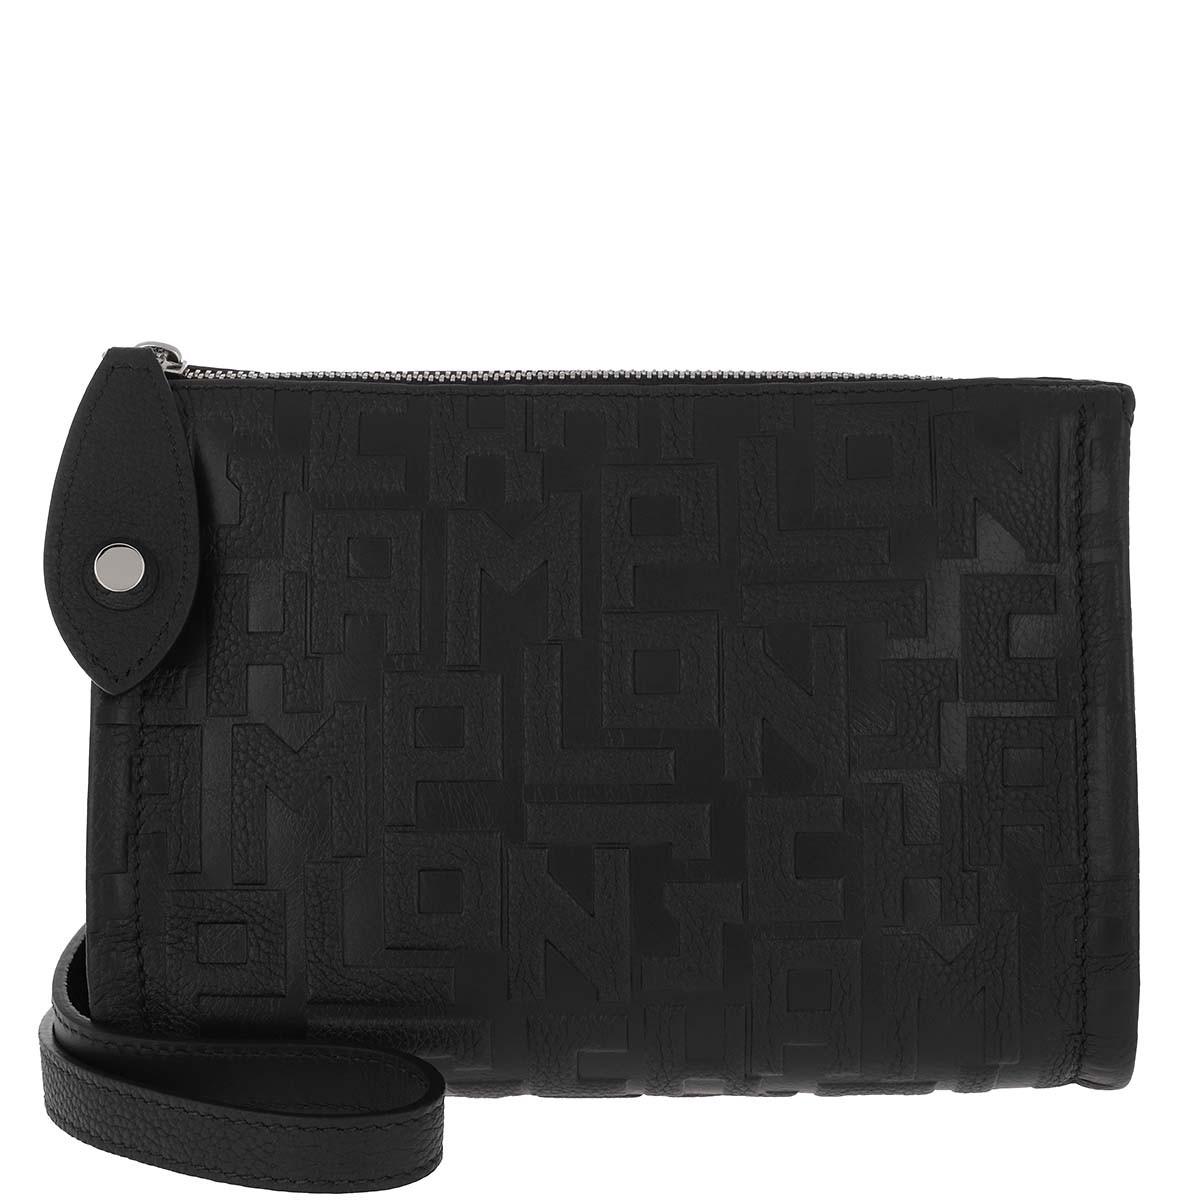 Longchamp Umhängetasche - La Voyageuse LGP Vernie Small Tote Bag Black - in schwarz - für Damen